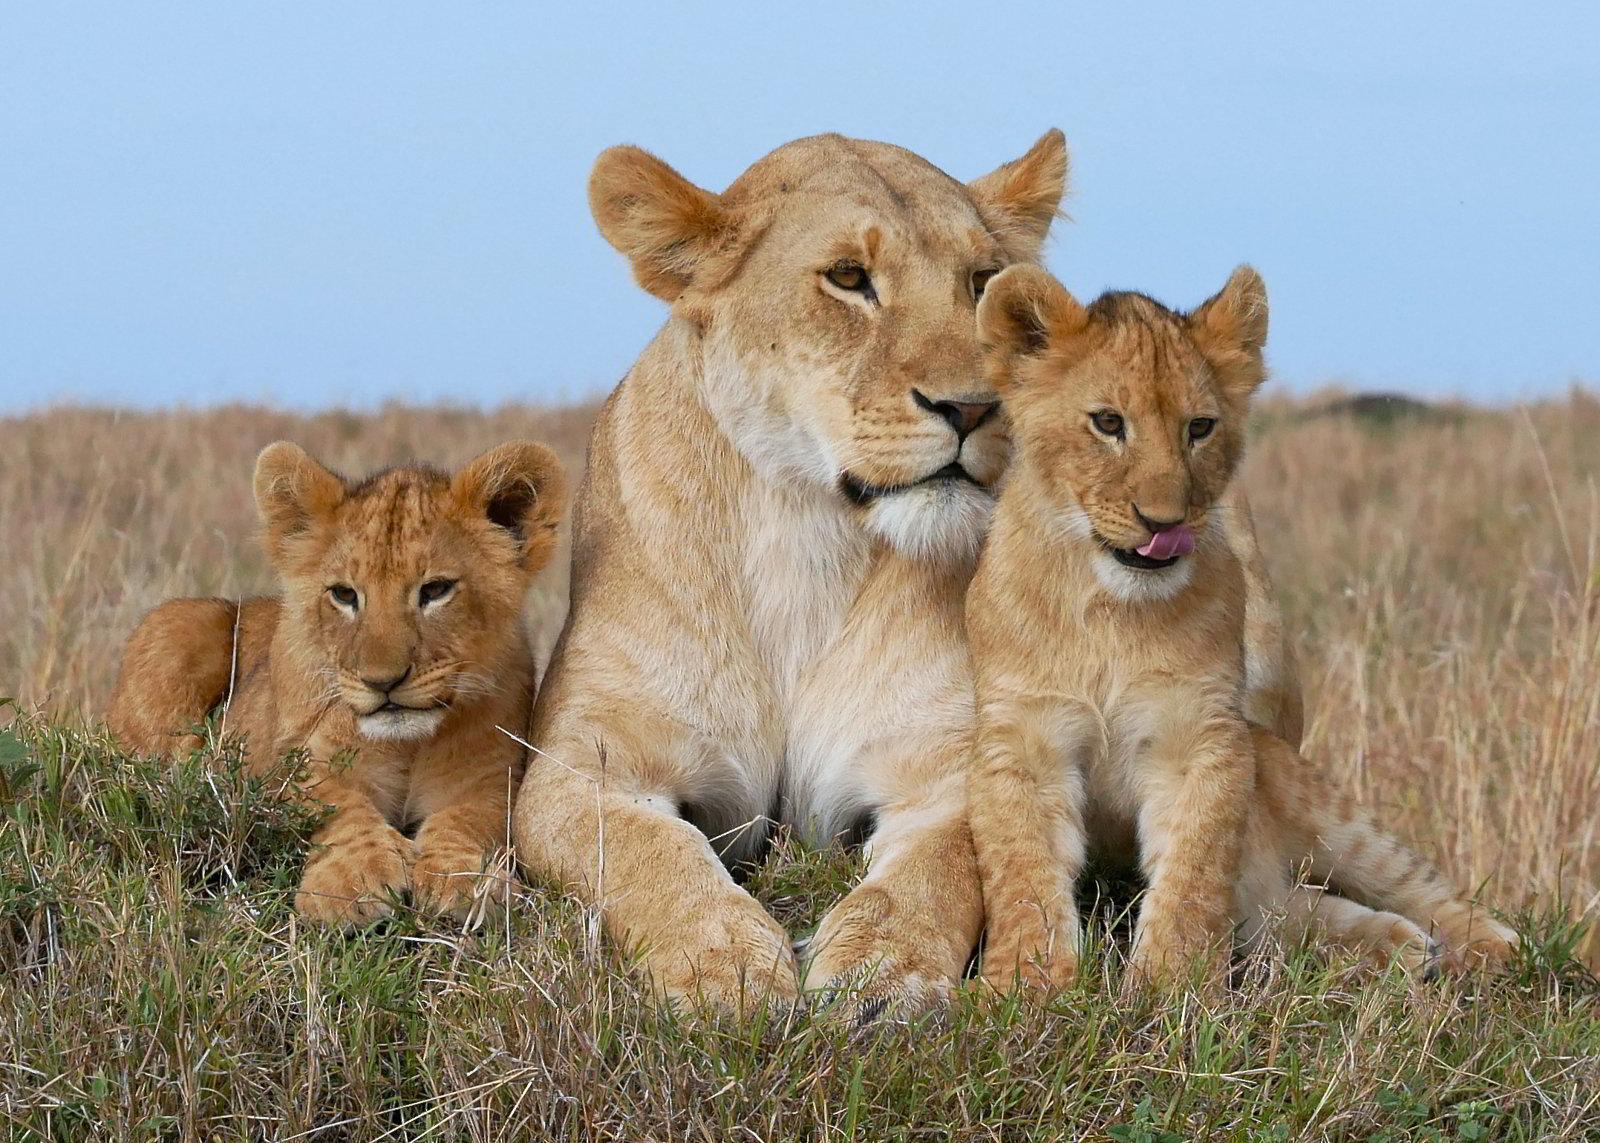 Hy vọng sau khi chiêm ngưỡng bộ sưu tập này bạn sẽ lựa chọn được cho mình những bức ảnh đẹp và ưng ý về những chú sư tử trong thiên nhiên ...